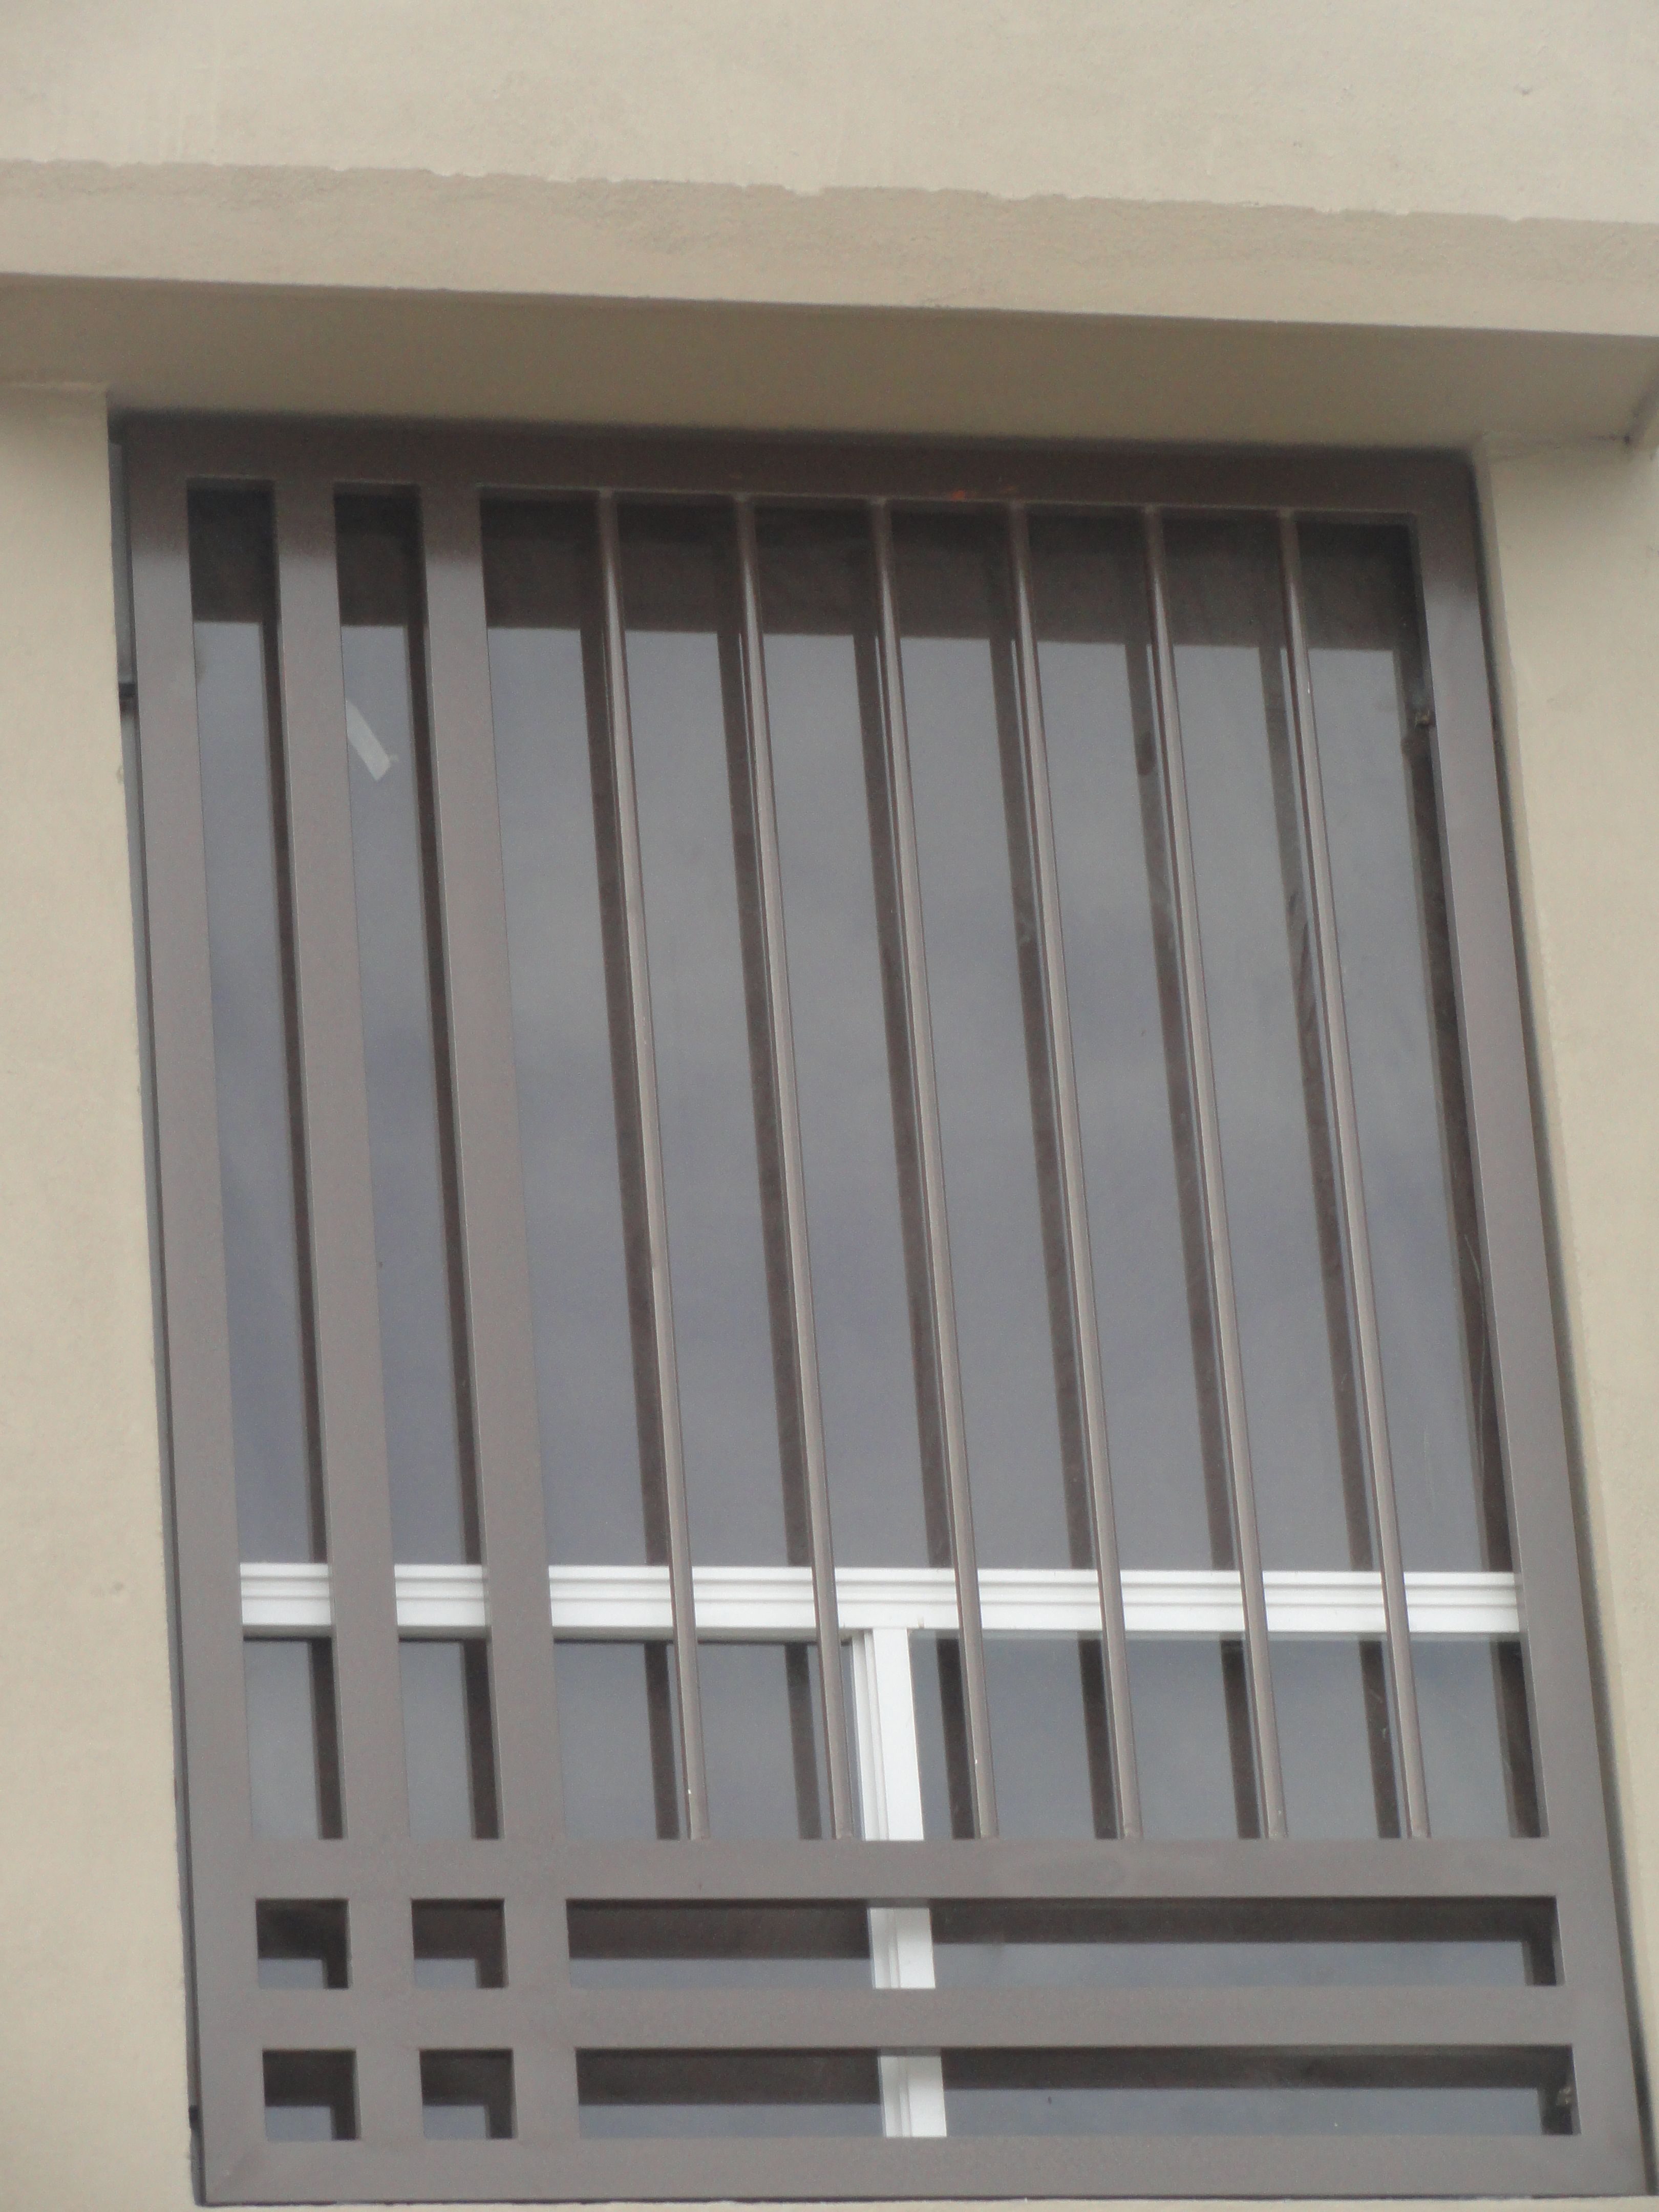 Protectores de ventanas 1 en 2019 for Imagenes de ventanas de aluminio modernas